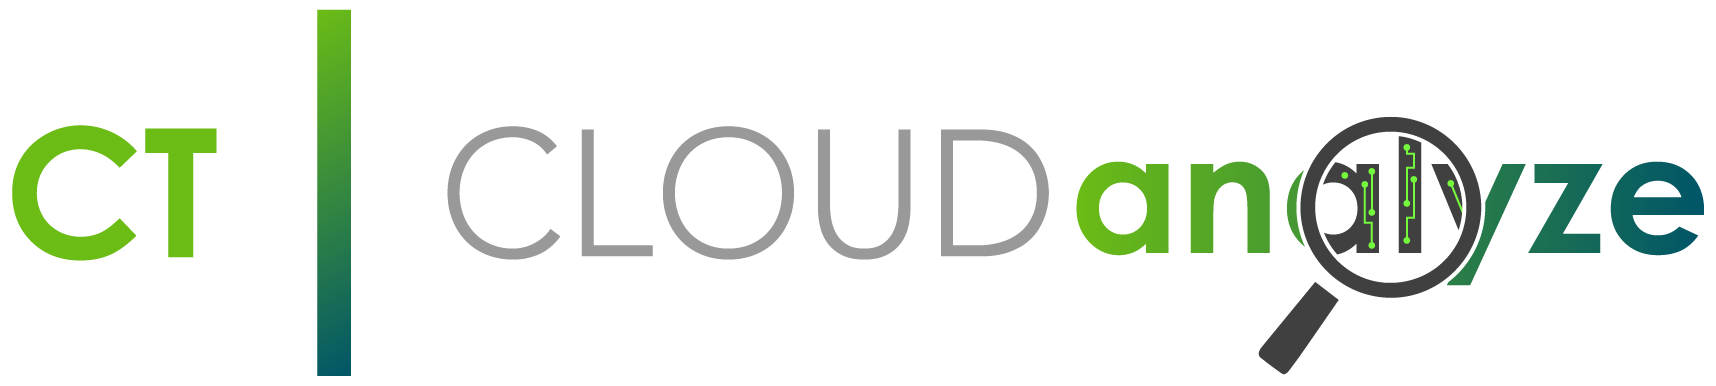 CT Cloud Analyze